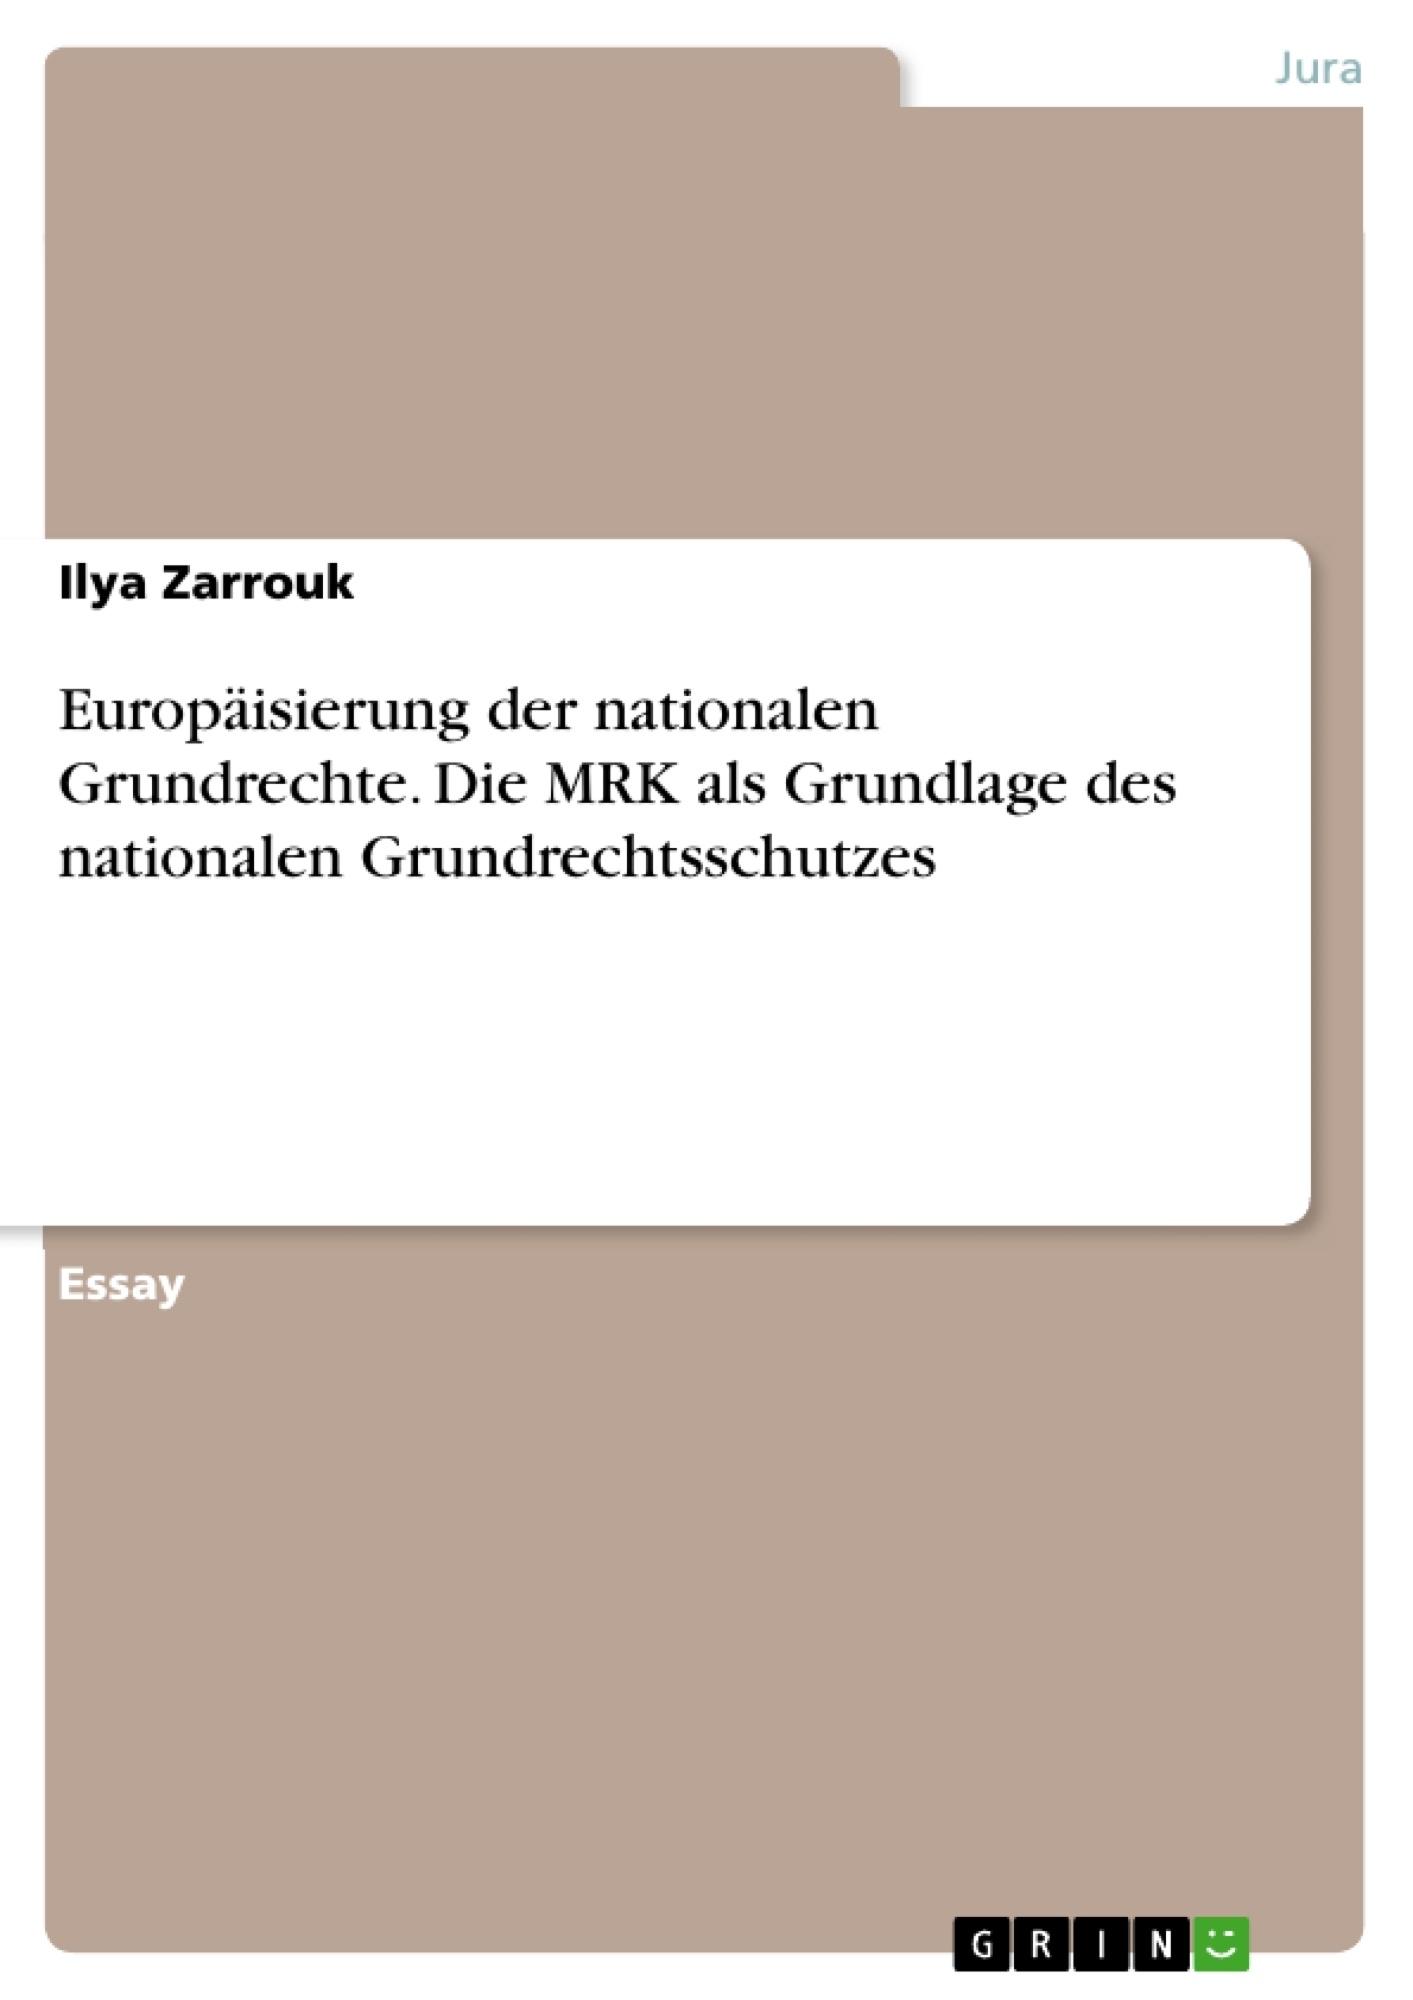 Titel: Europäisierung der nationalen Grundrechte. Die MRK als Grundlage des nationalen Grundrechtsschutzes